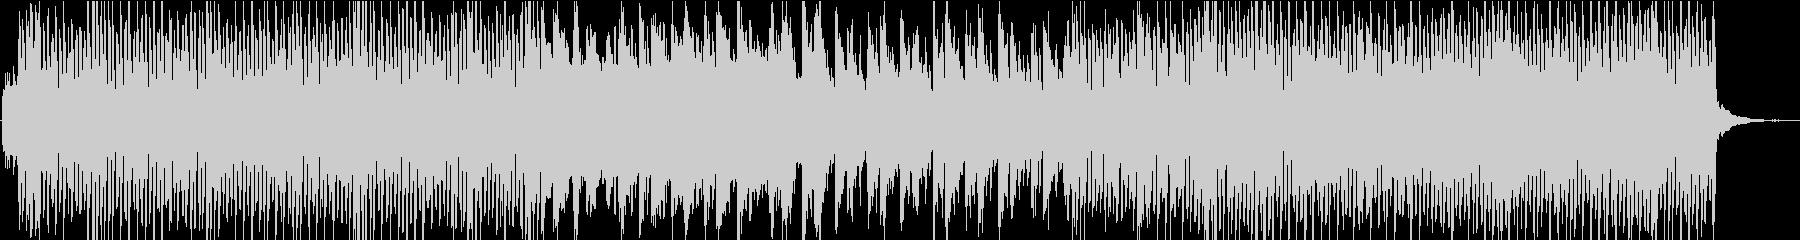 フルートメイン 爽やかでかわいいBGM の未再生の波形